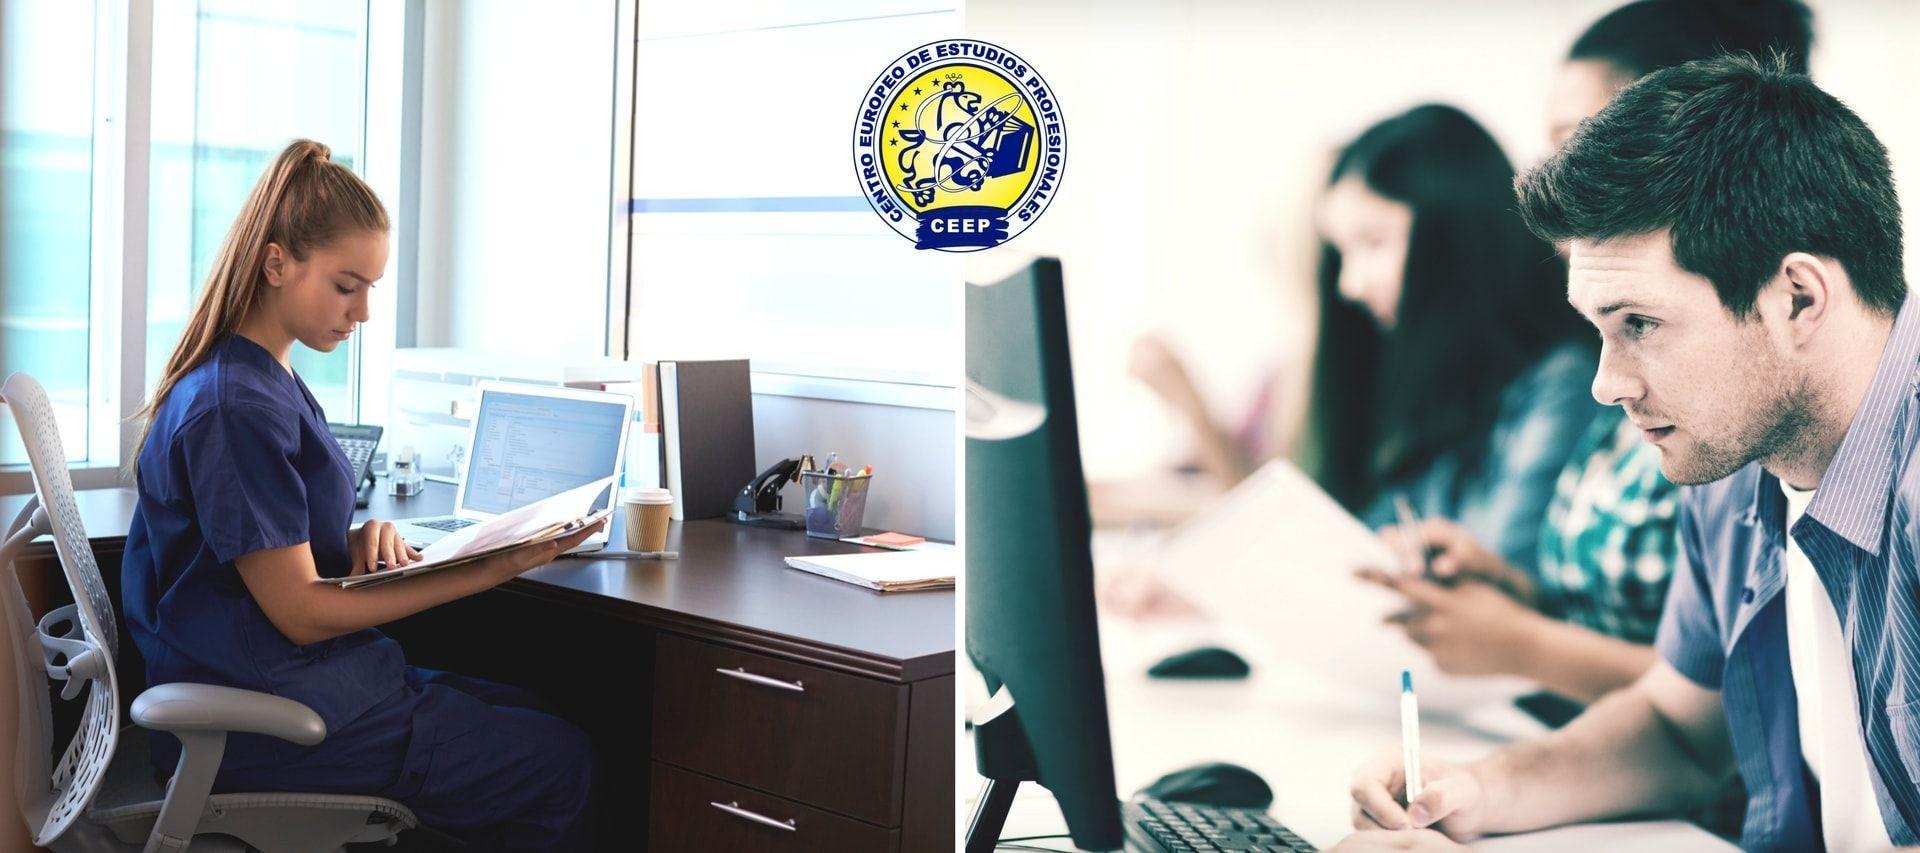 Se inicia la Formación en Centros de Trabajo de los alumnos de CEEP